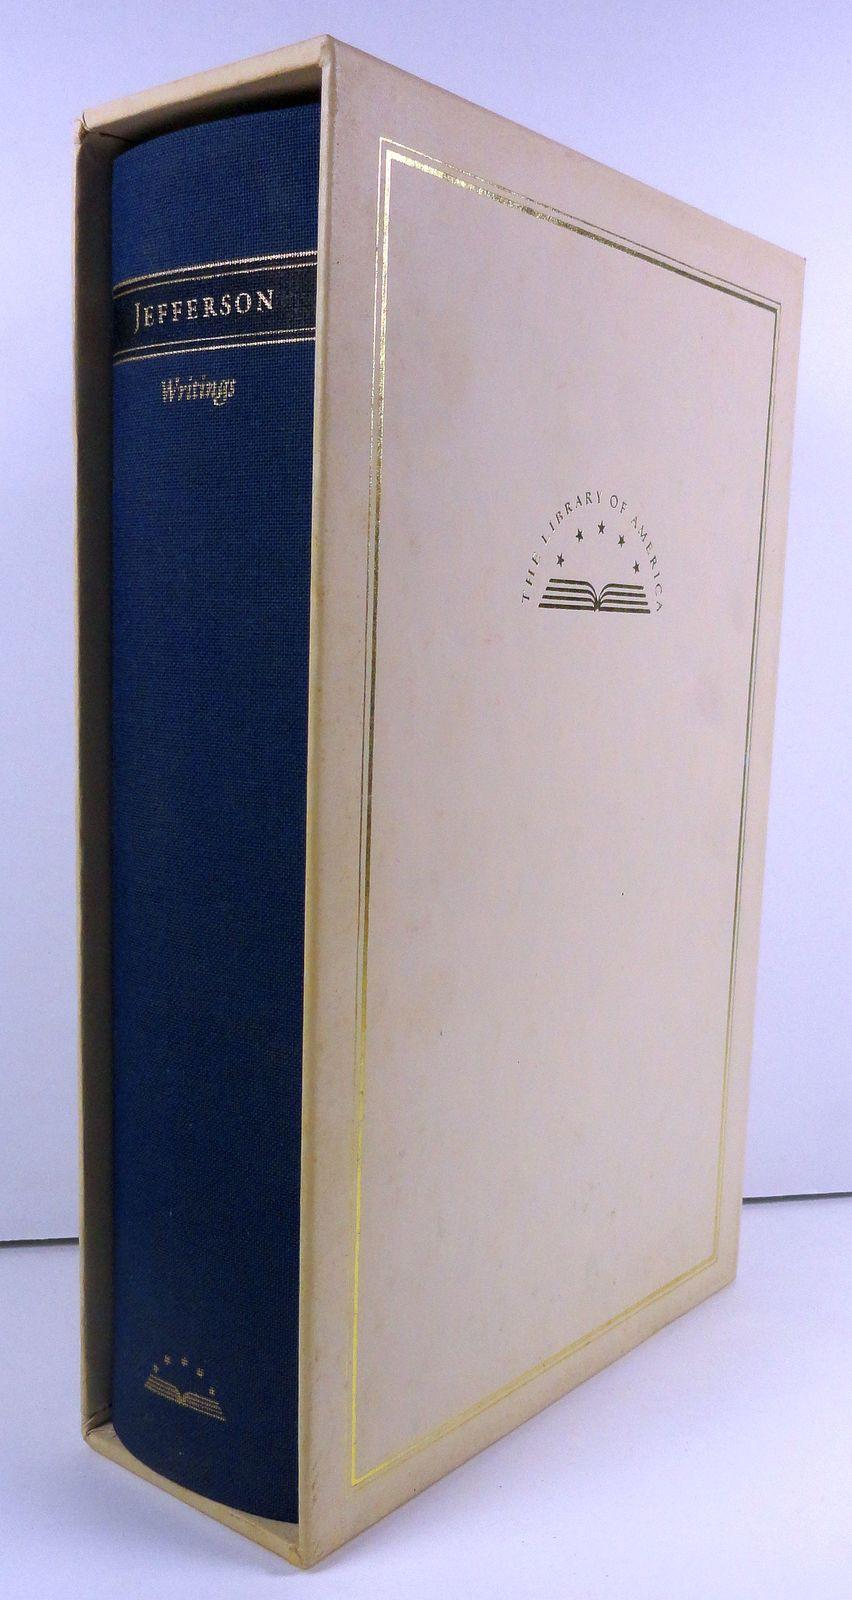 Thomas Jefferson Writings 1984 Library of America